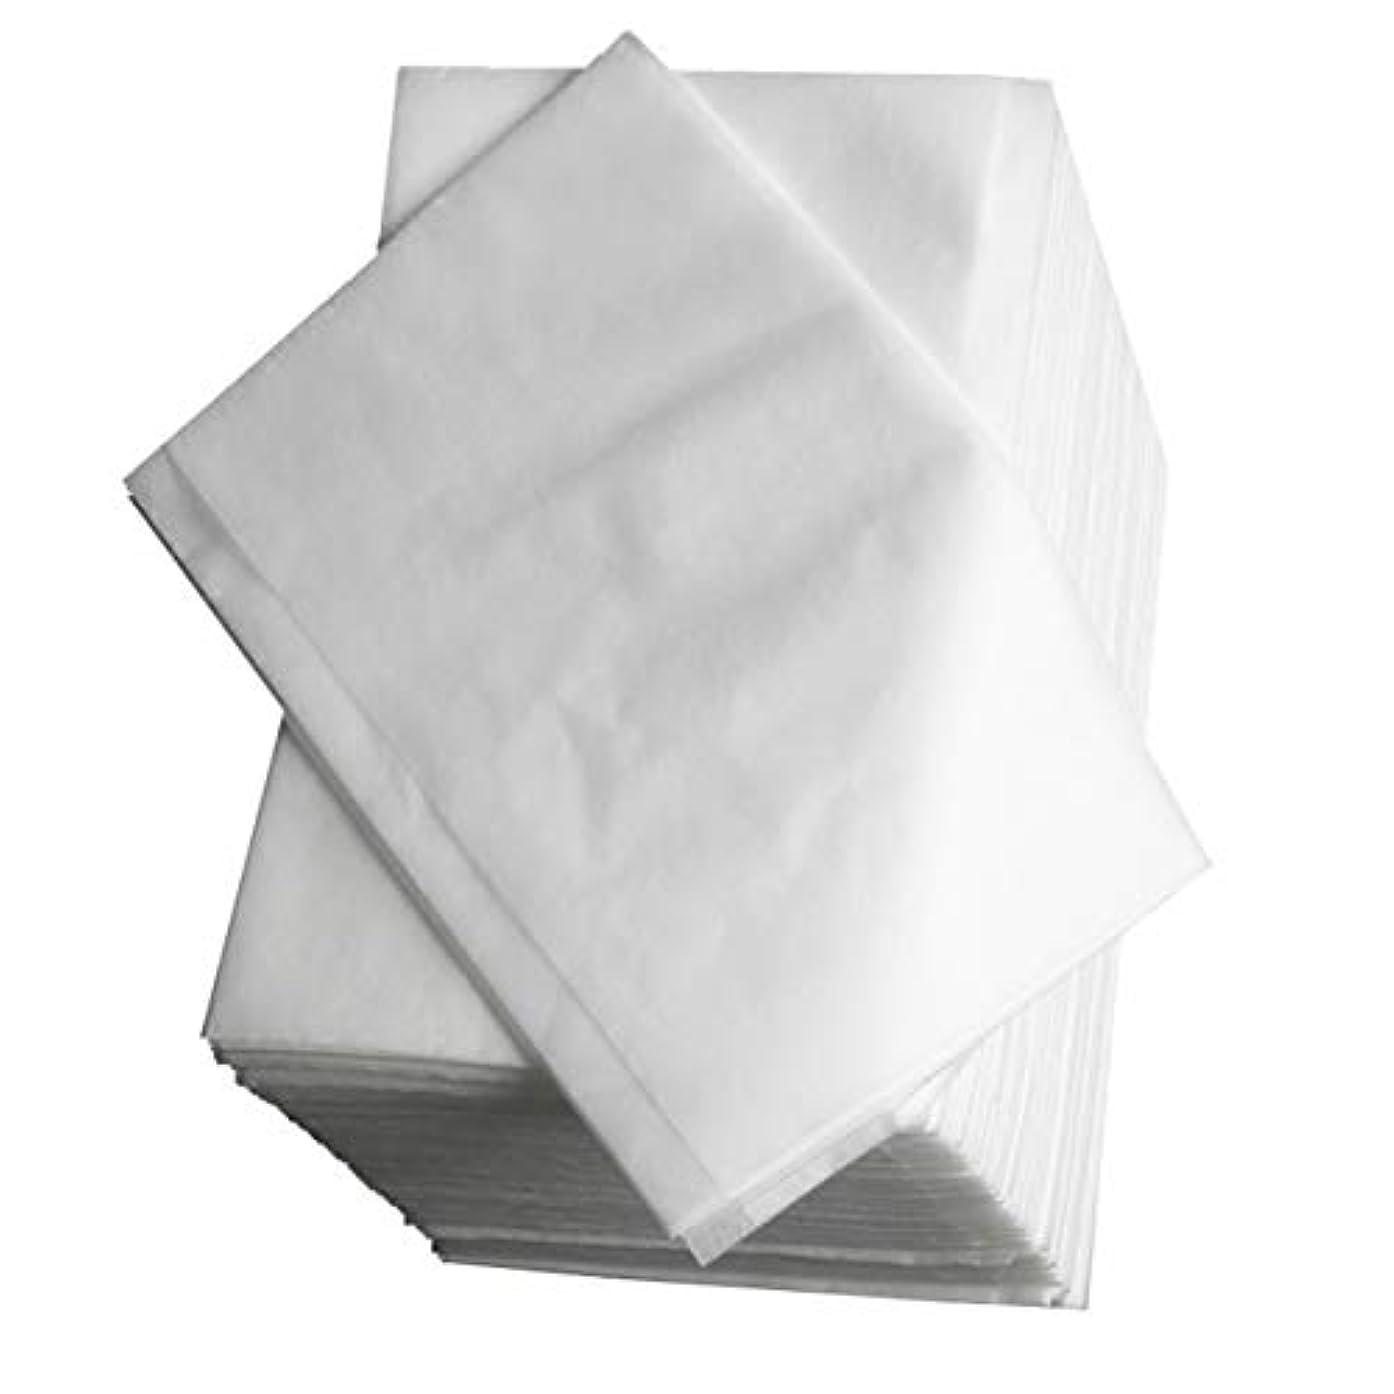 野ウサギさわやか委任Disposable Bed Linen Beauty Salon Massage Travel Medical Non-woven Mattress Breathable Antibacterial Anti-infective